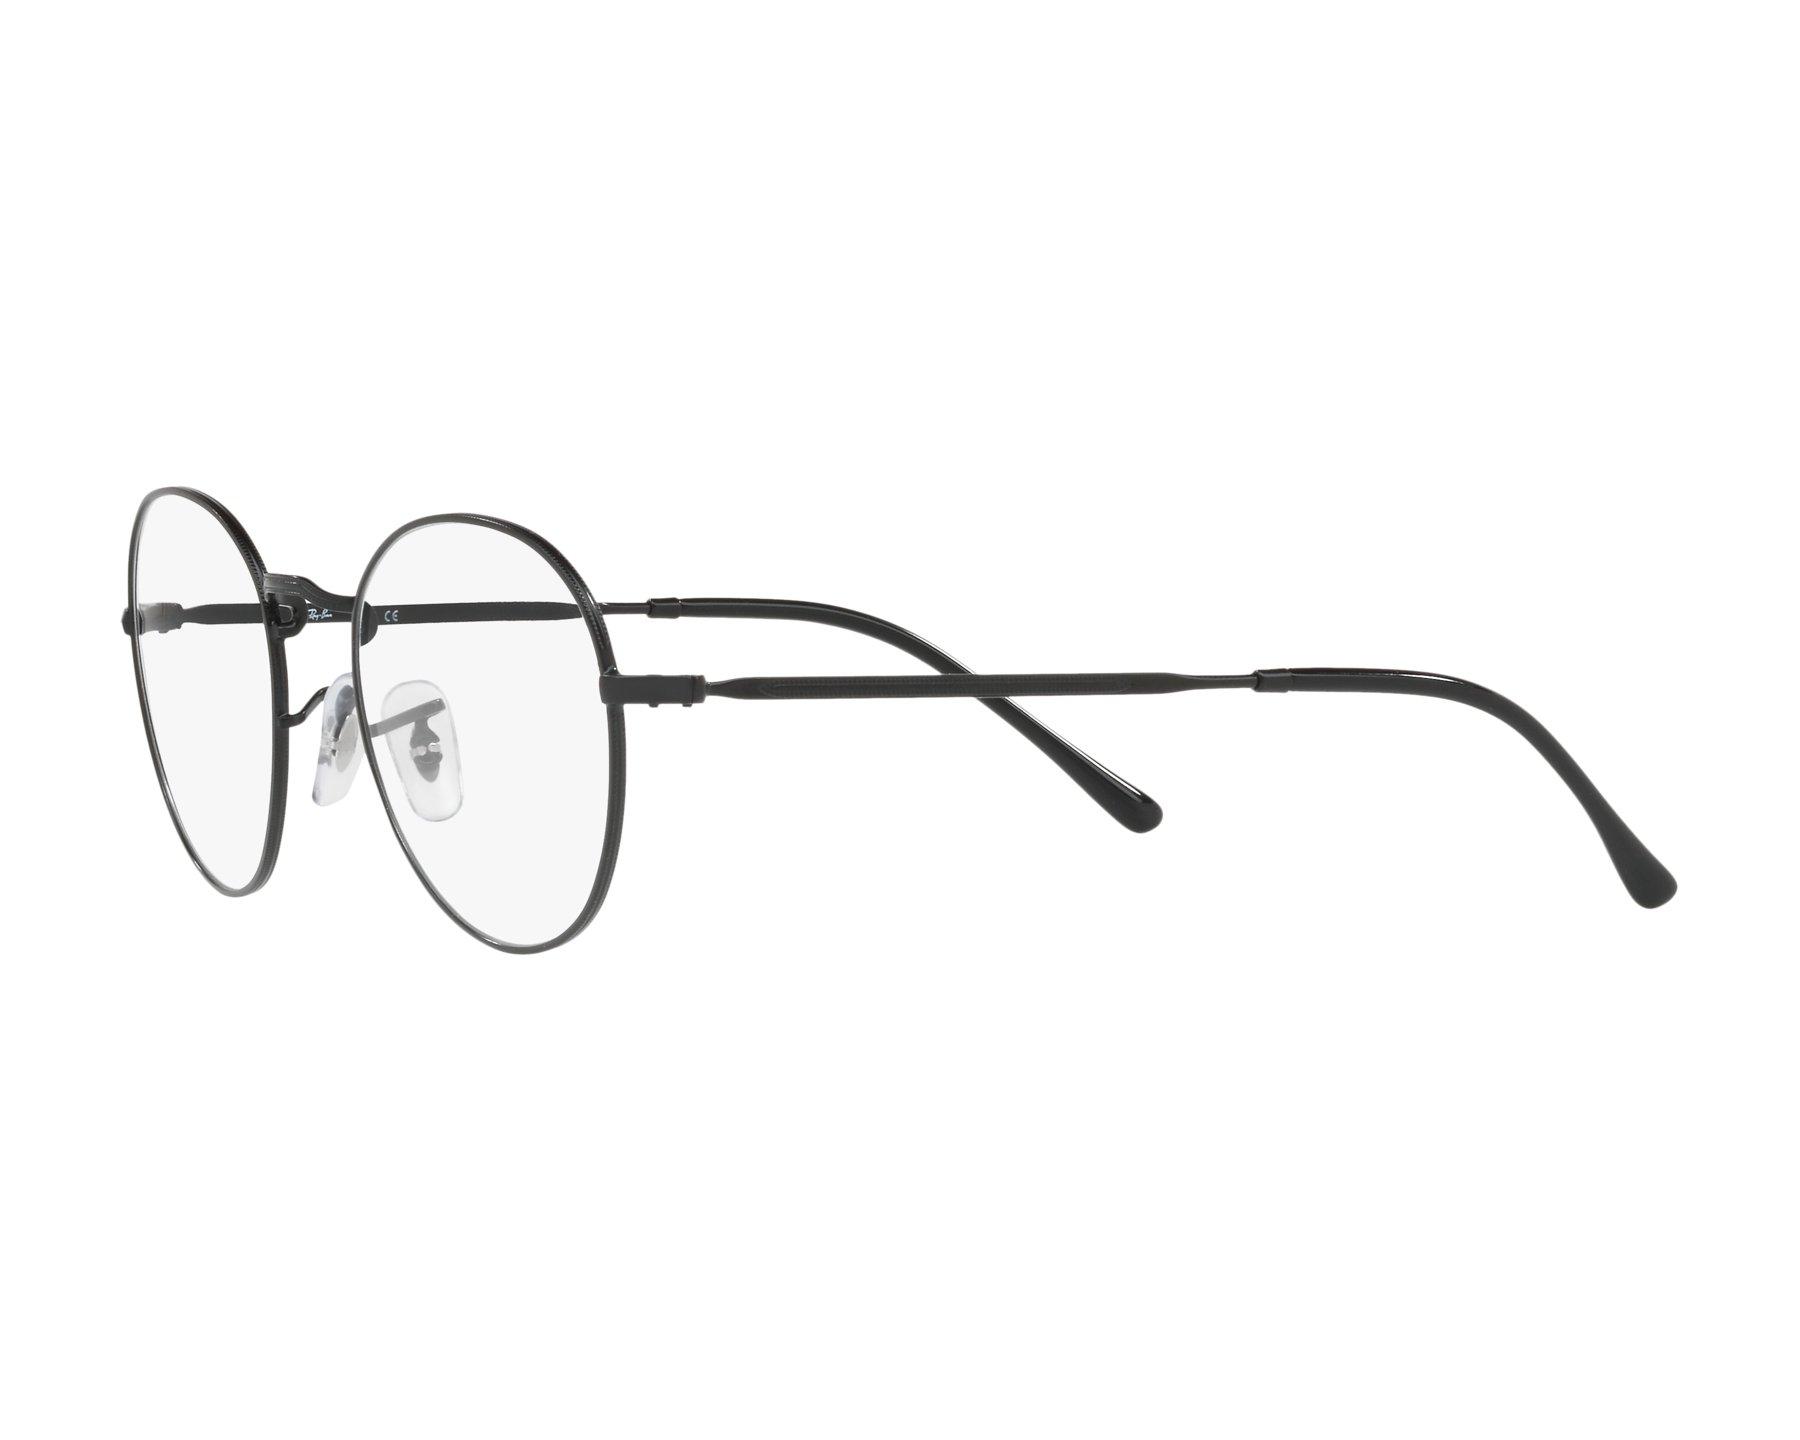 Ray Ban Ray-Ban Brille » Rx3582v«, 2760